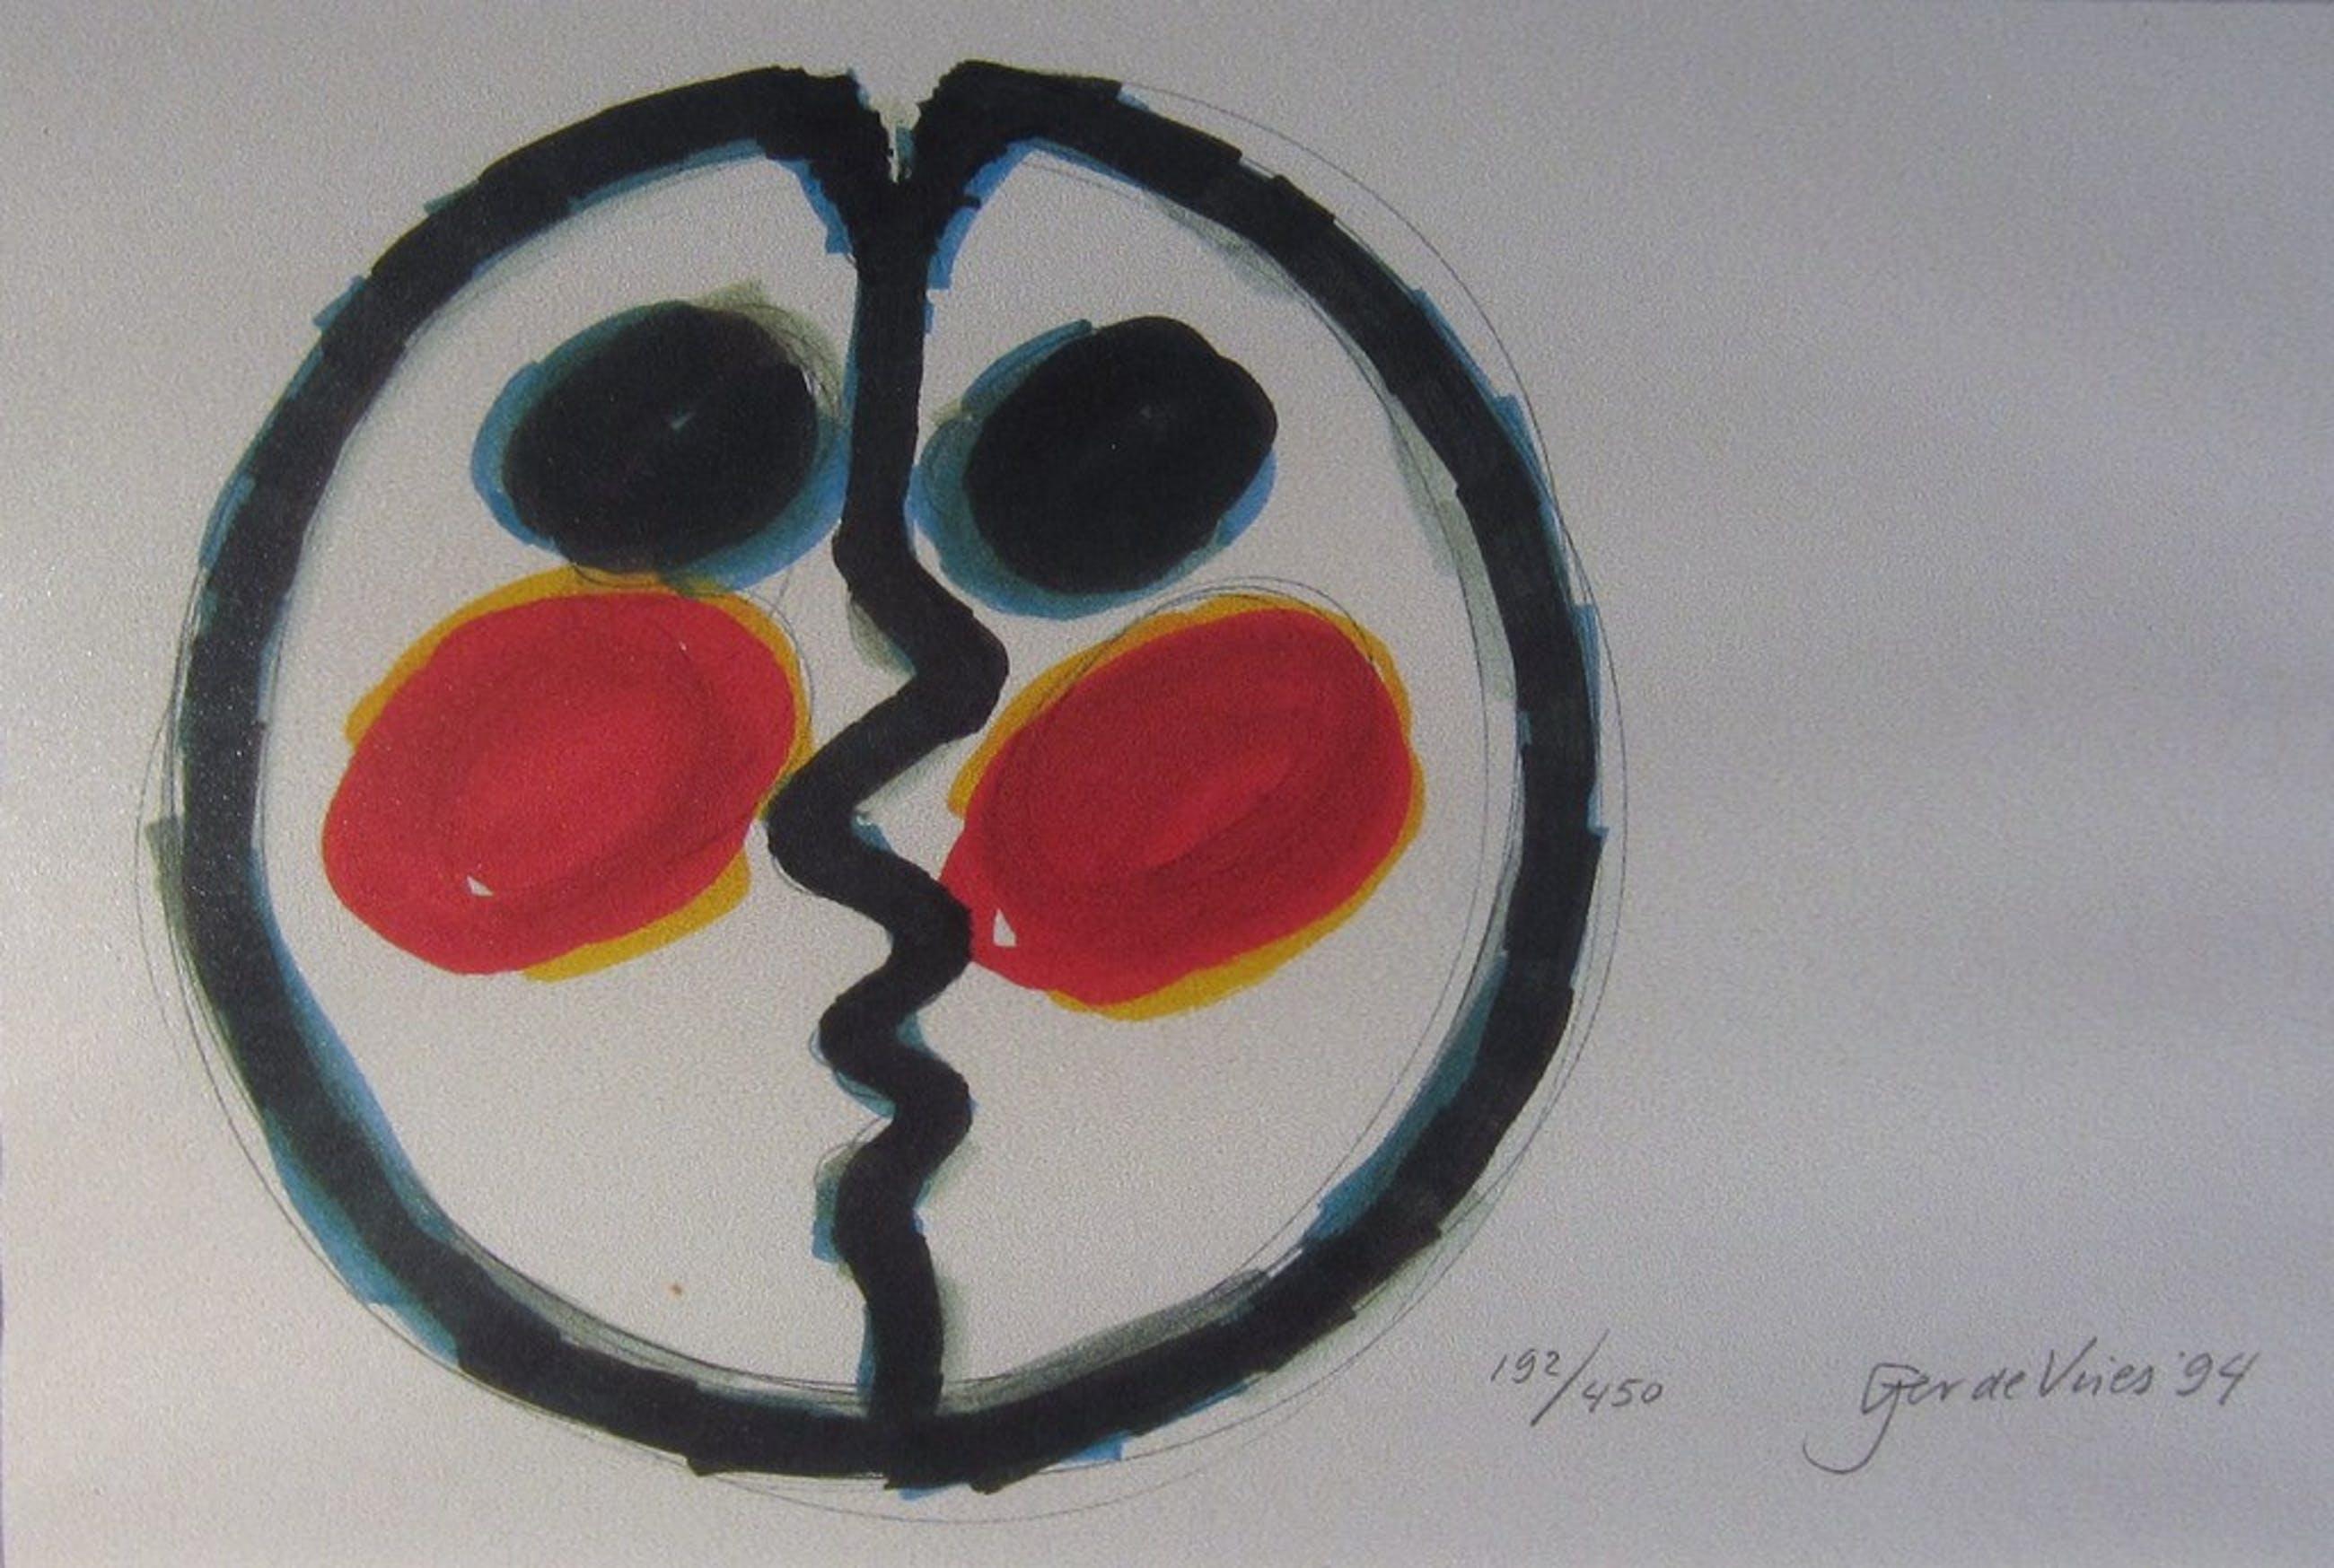 Gerard de Vries (1942) - Abstract grafiek - 1994 kopen? Bied vanaf 25!